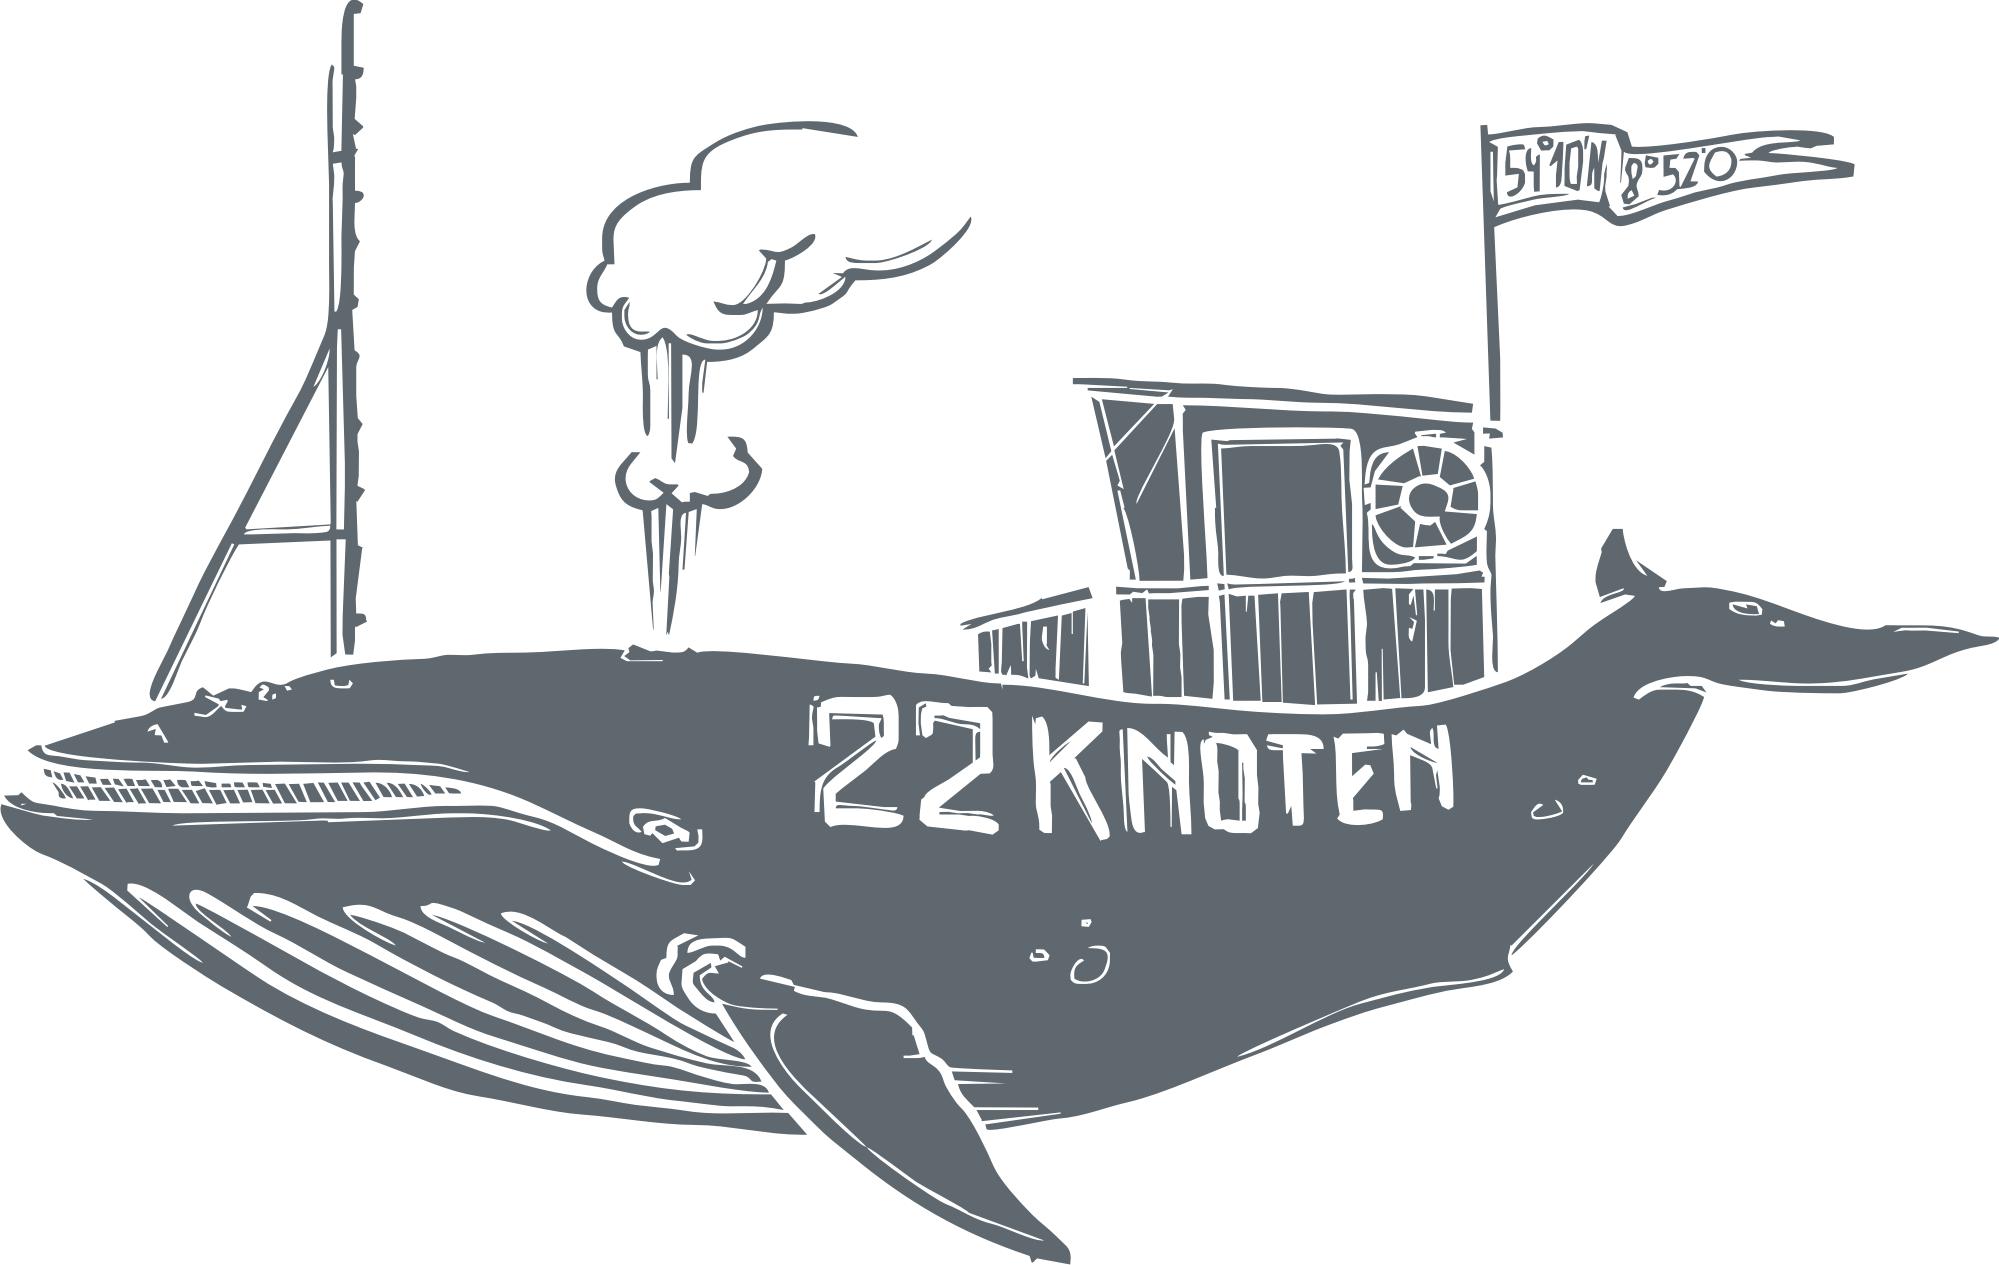 Maritim,modern & Stylisch mit 22Knoten Preisgarantie!Prize guarantee!